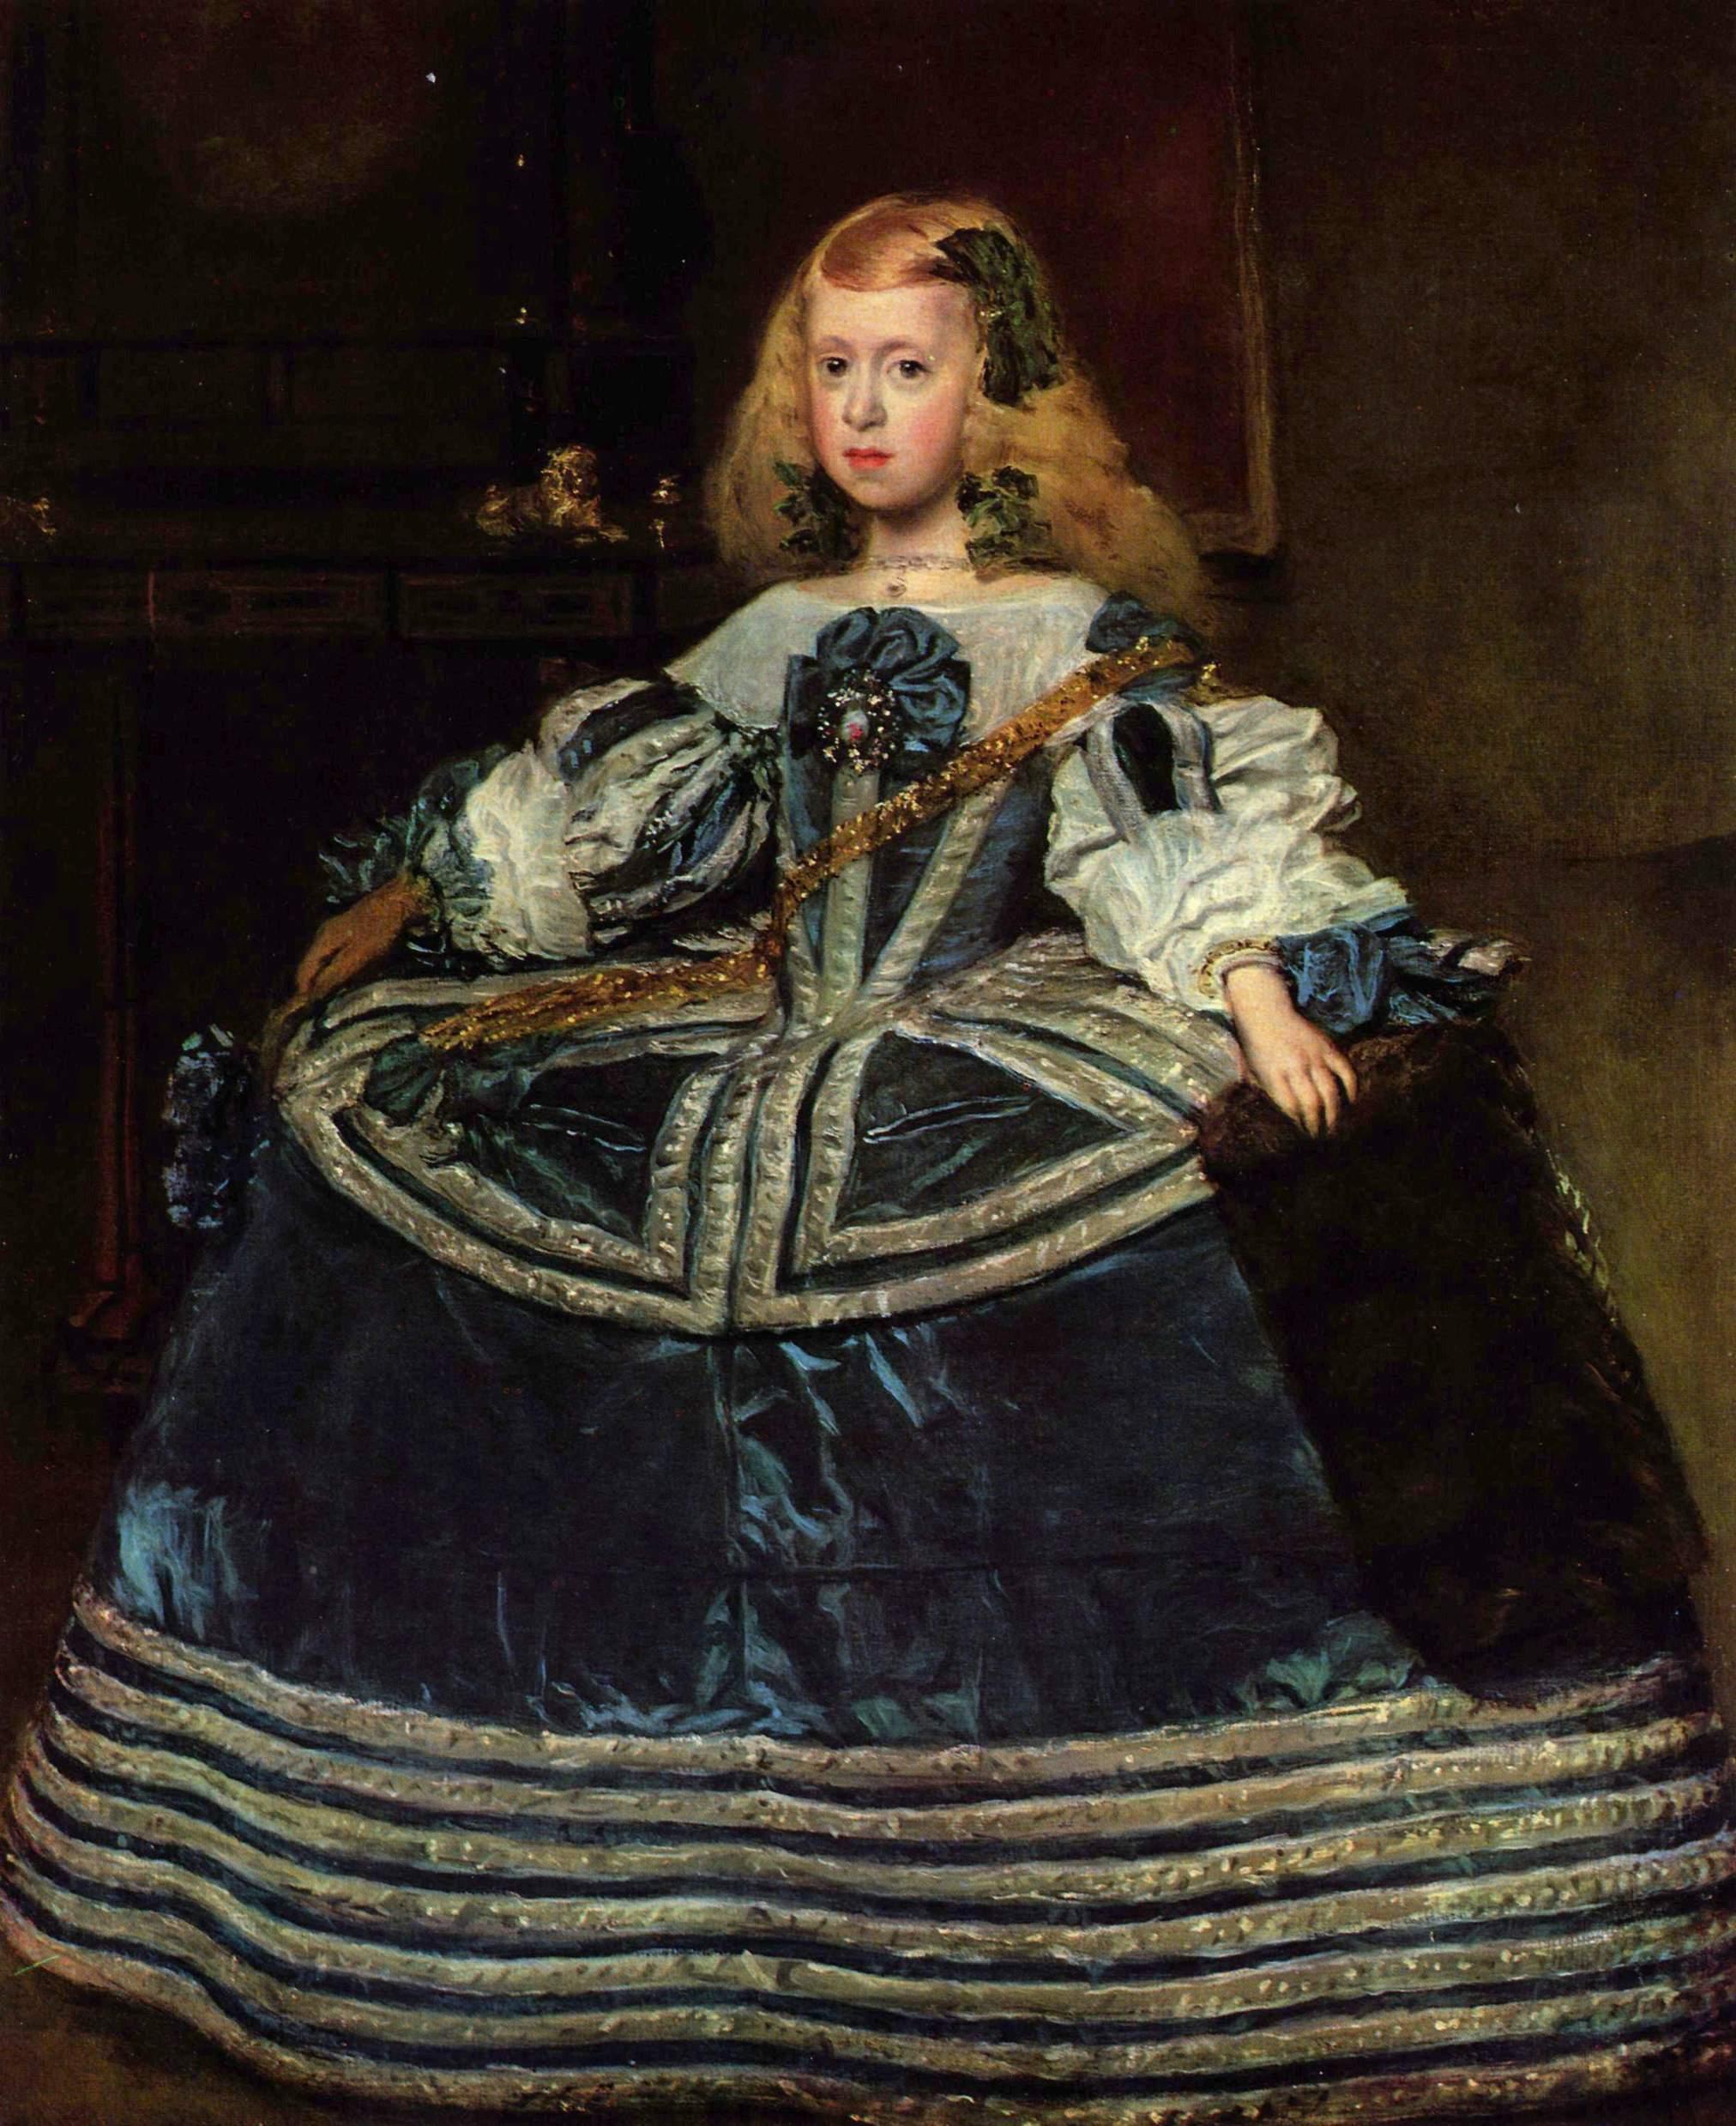 Ośmioletnia Małgorzata Teresa na obrazie, który zachwycił Leopolda I, jej wujka i kuzyna zarazem. Jak na ówczesne habsburskie standardy dziewczynka była oszałamiająco wdzięczna (autor: Diego Velázquez, źródło: domena publiczna).